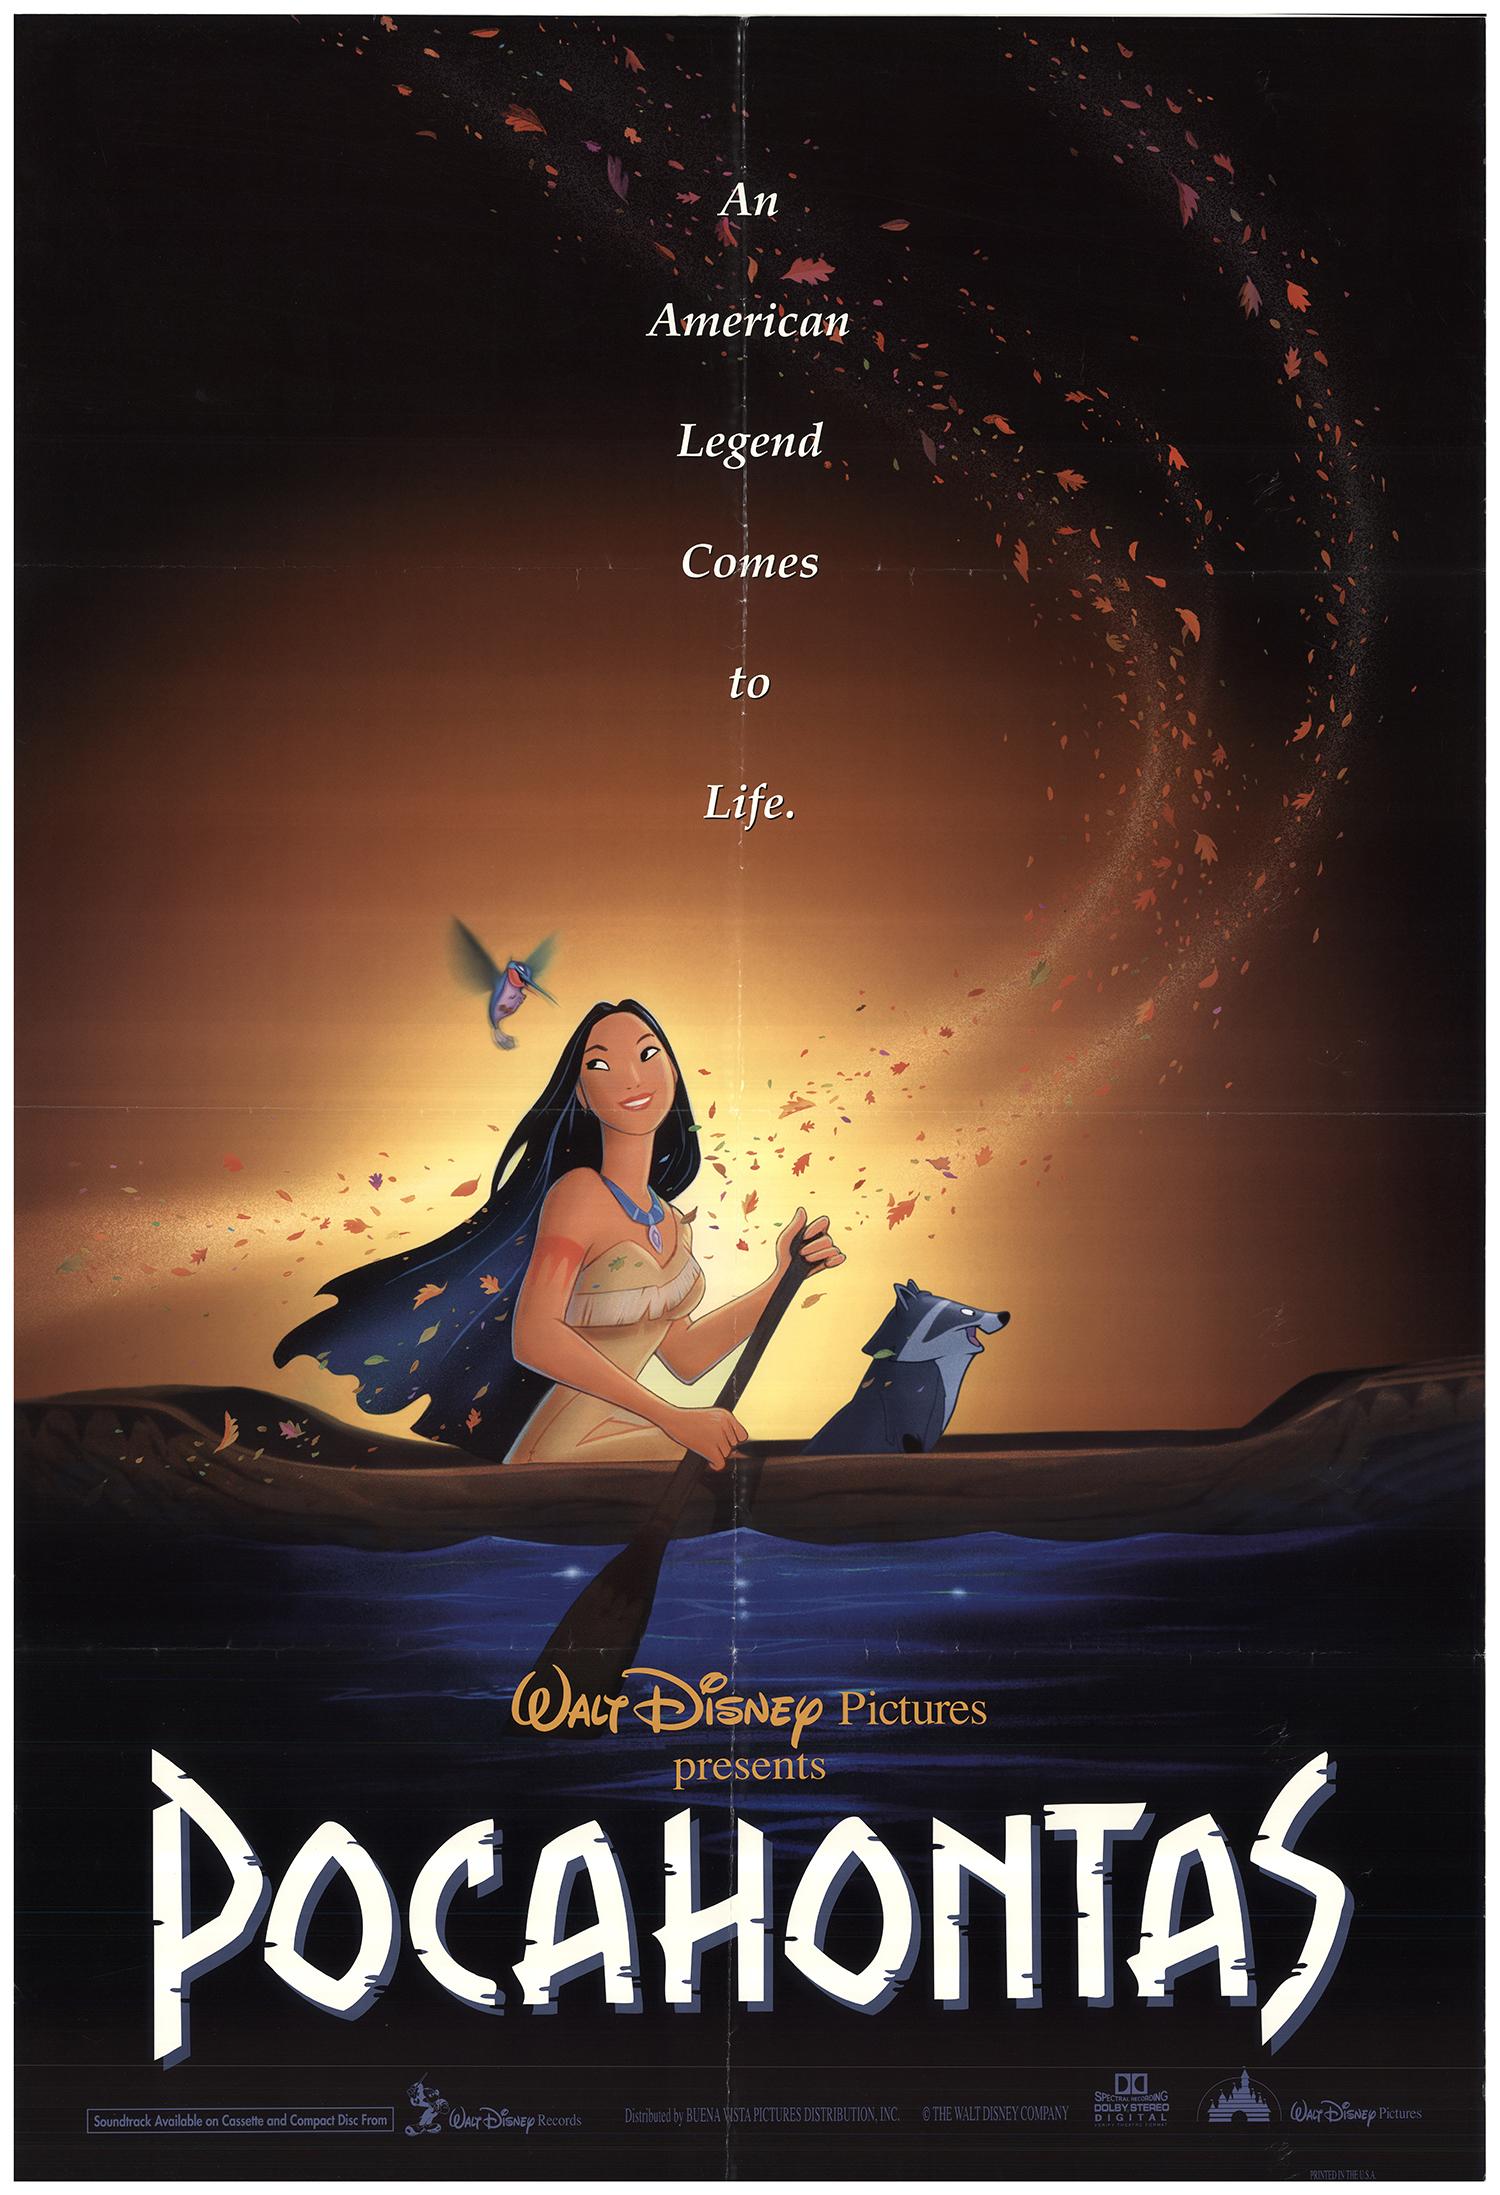 Pocahontas 1995 Original Movie Poster Fff 79543 Fffmovieposters Com